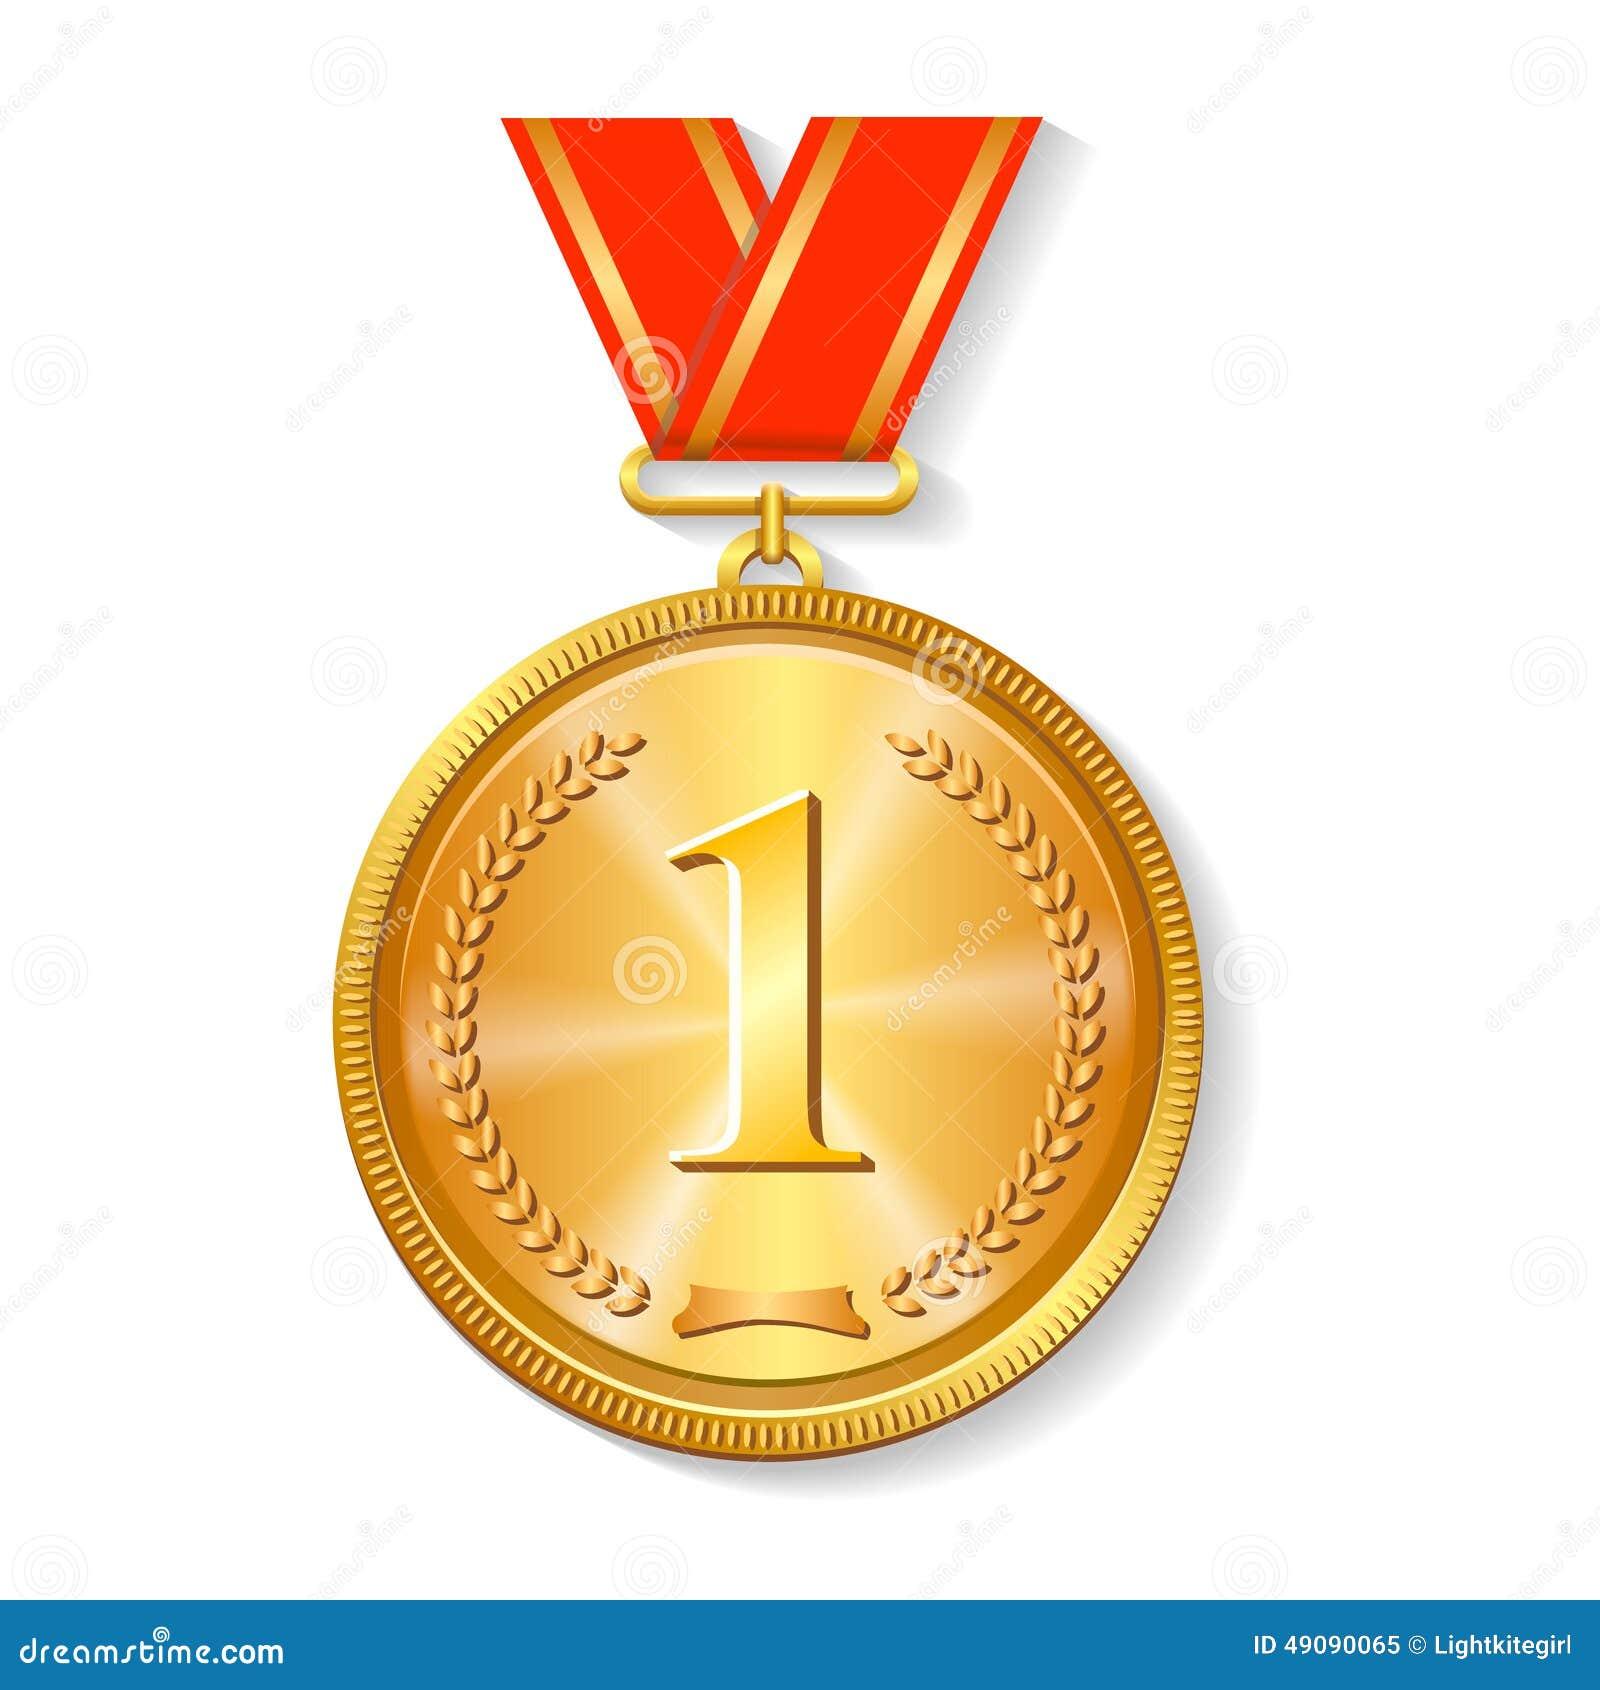 https://thumbs.dreamstime.com/z/medaglia-d-oro-con-il-nastro-rosso-isolato-su-bianco-49090065.jpg